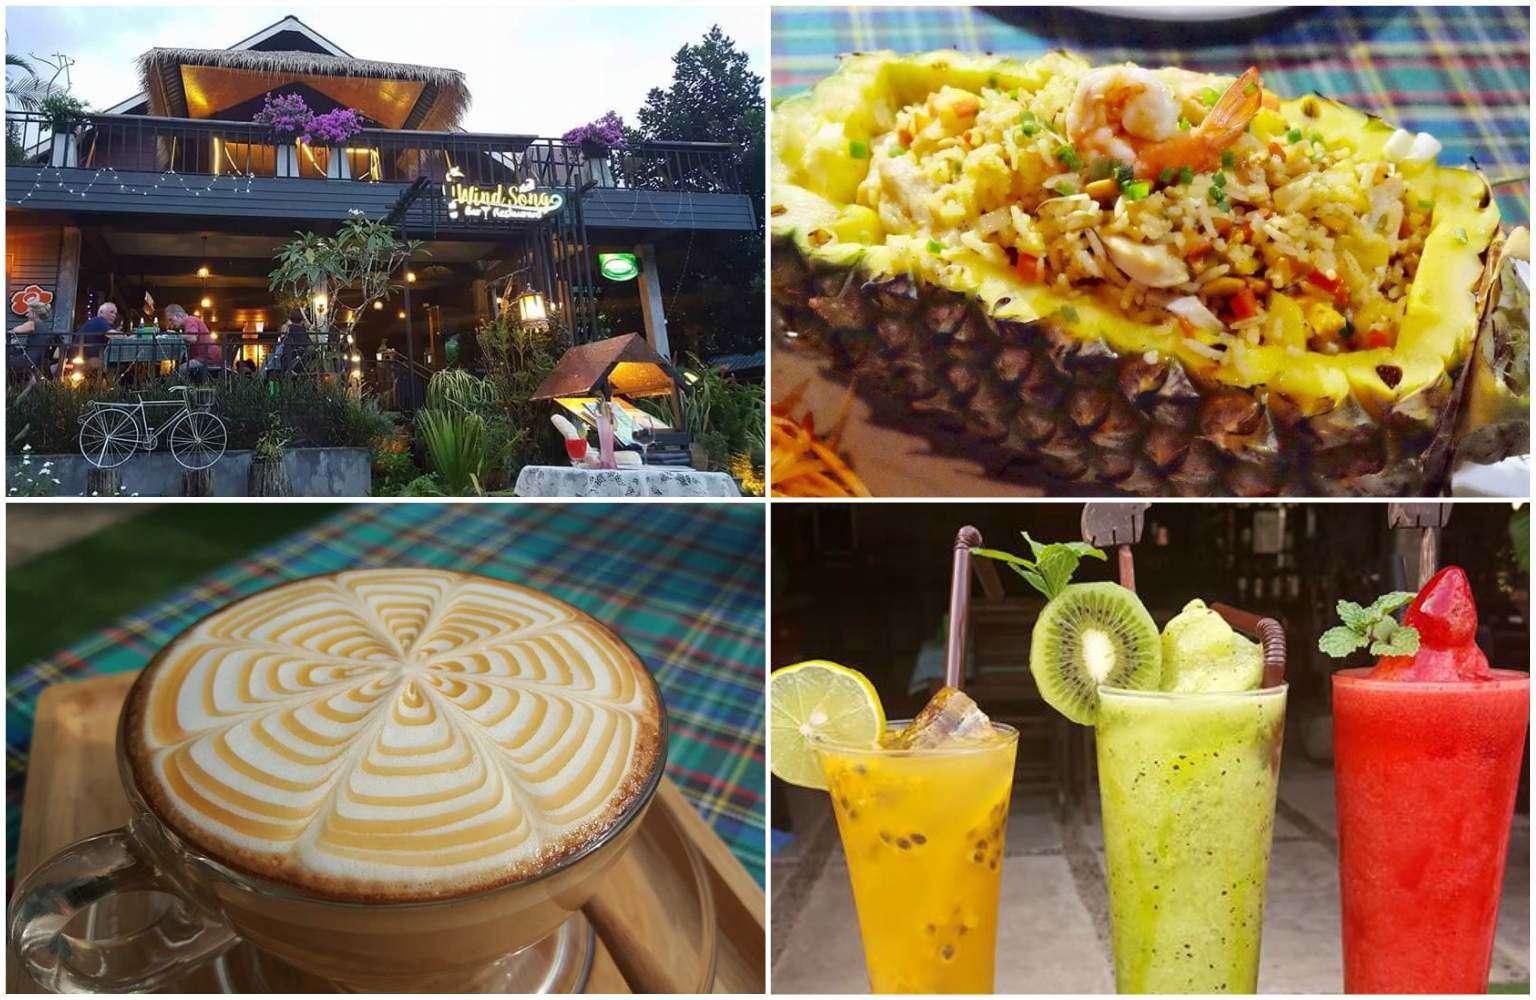 Collage van Wind Song Restaurant in Khao Sok, Thailand. Het aanzicht van het restaurant, een mooi versierd kopje cappuccino, fried rice in een ananasa en drie fruit shakes